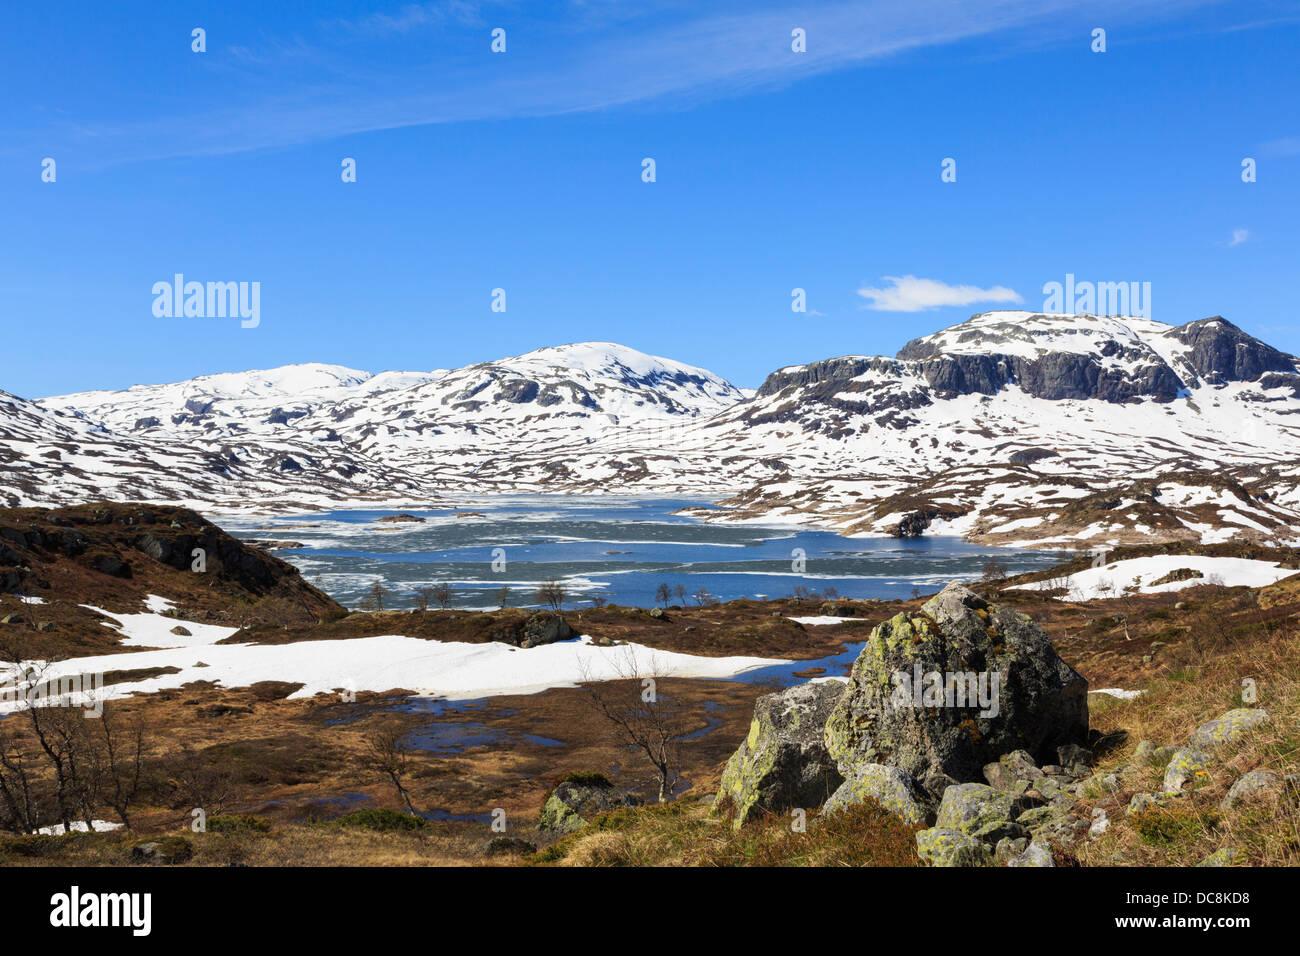 Kjelavatn avec de la neige sur le lac et les collines du plateau high moorland en début d'été. Photo Stock